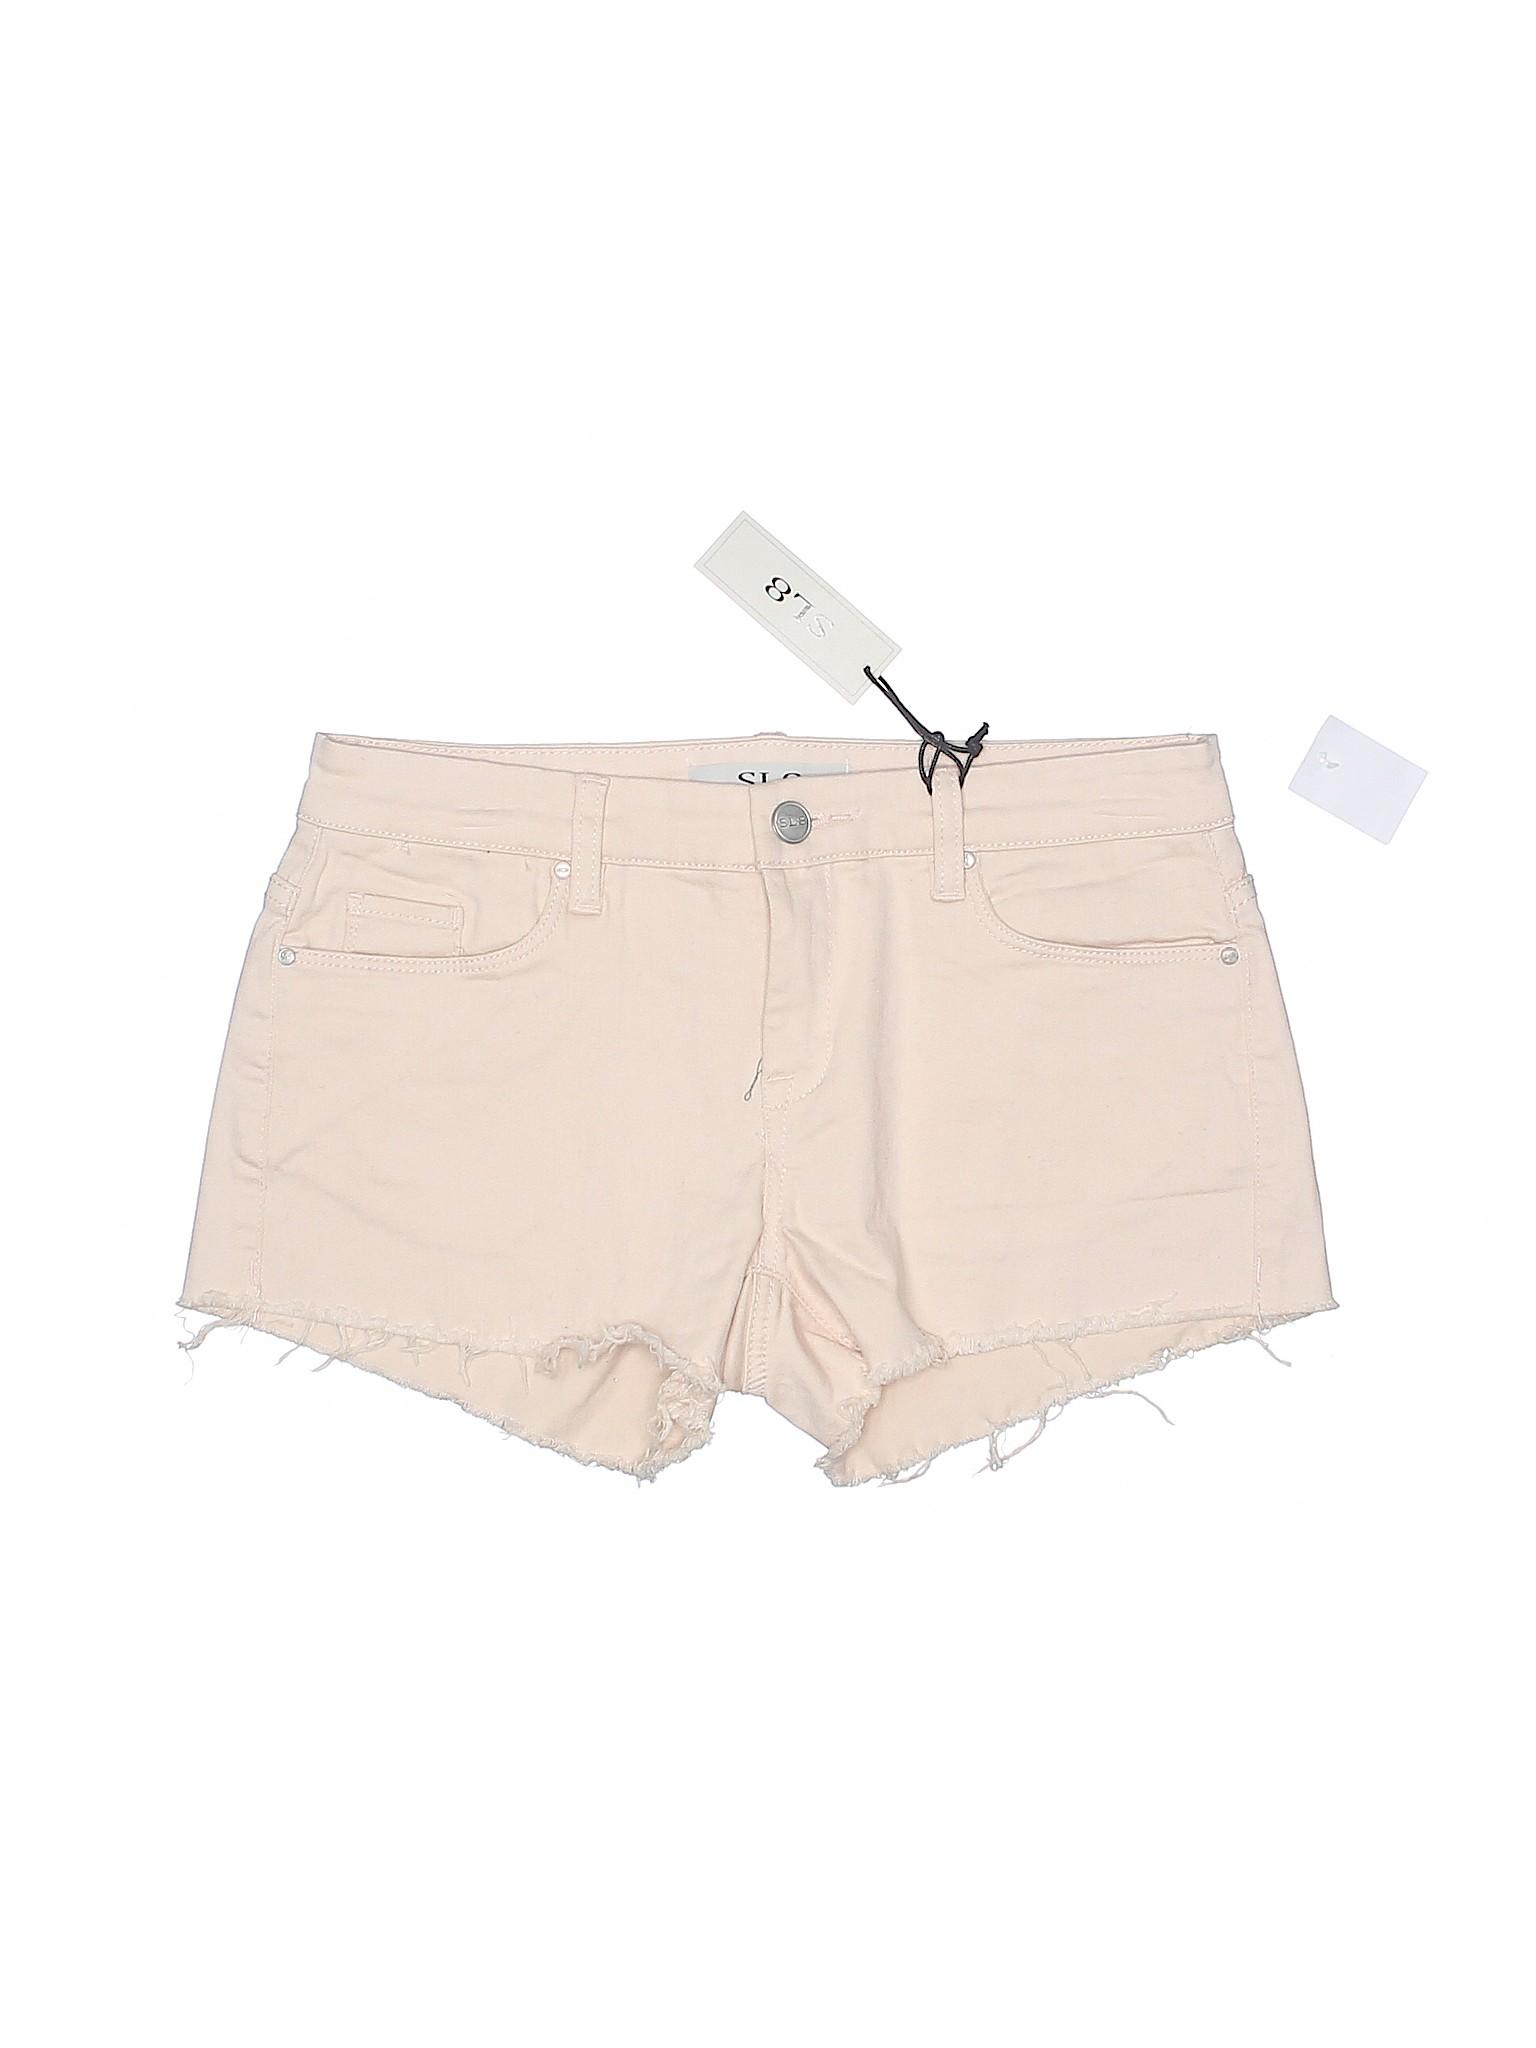 Denim Boutique Denim leisure Boutique Denim leisure Boutique Shorts Boutique leisure SL8 Shorts Shorts SL8 SL8 fxHqIBx8